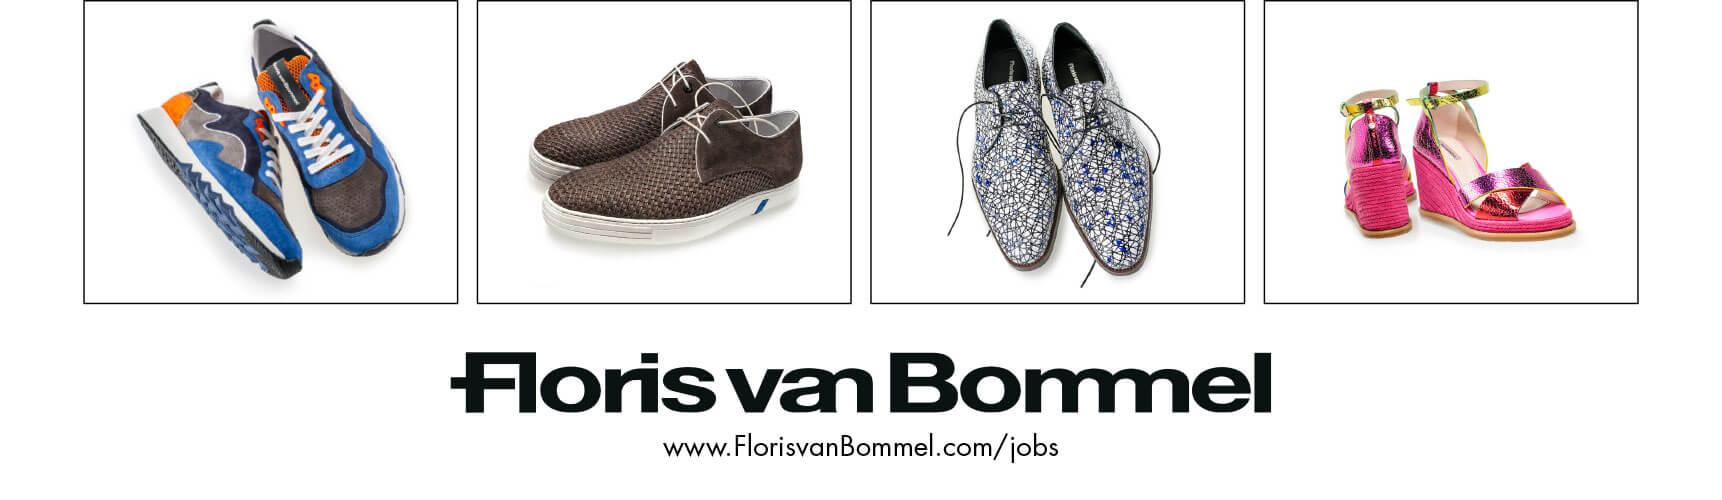 best sneakers new styles large discount Verkoopmedewerker - (28 tot 32 uur per week) Brugge Brugge